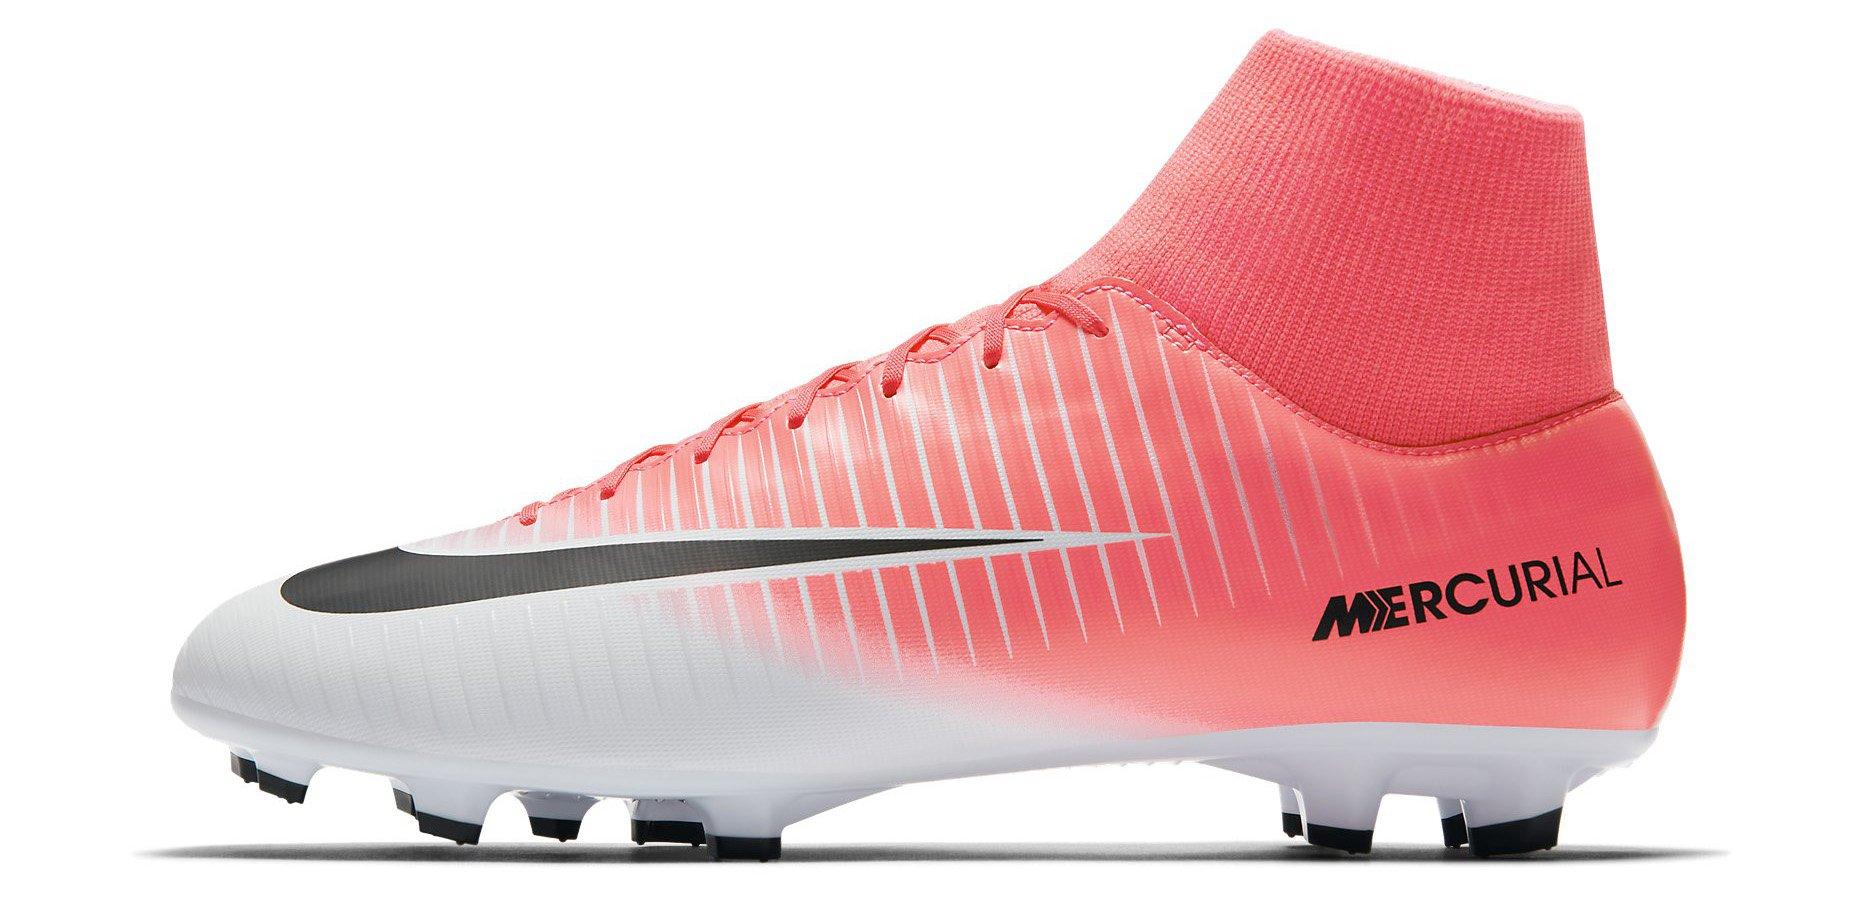 Football shoes Nike MERCURIAL VICTORY VI DF FG